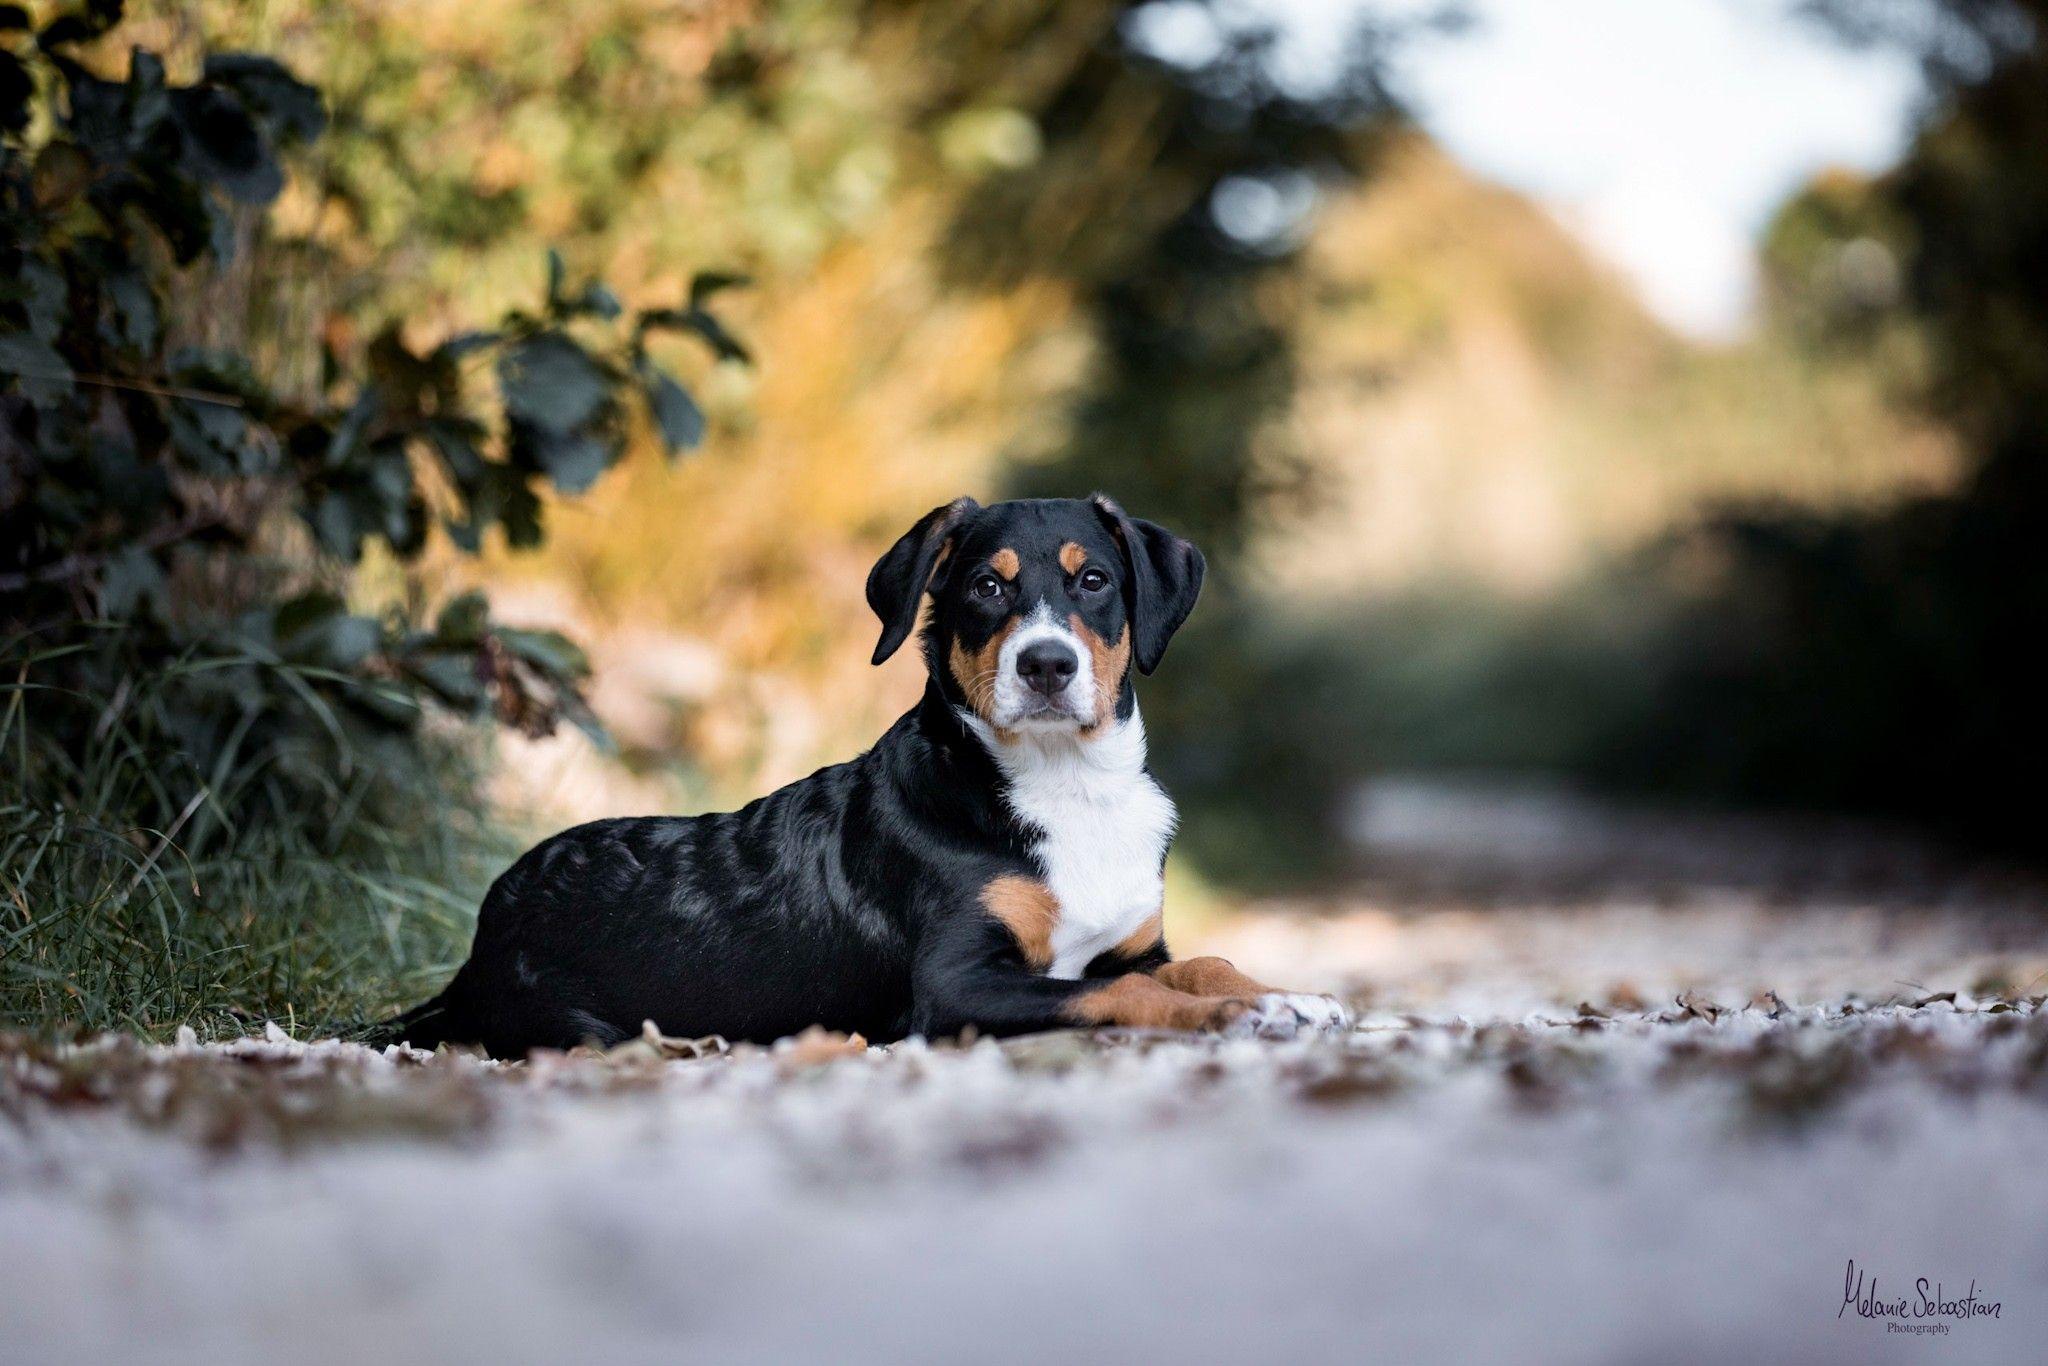 Hundefotograf Bayern Hundebilder Machen Professionelle Hundefotos Shooting Mit Hund Hundefotos Hundeliebe Grosse H Schwarze Hunde Hunde Hunde Welpen